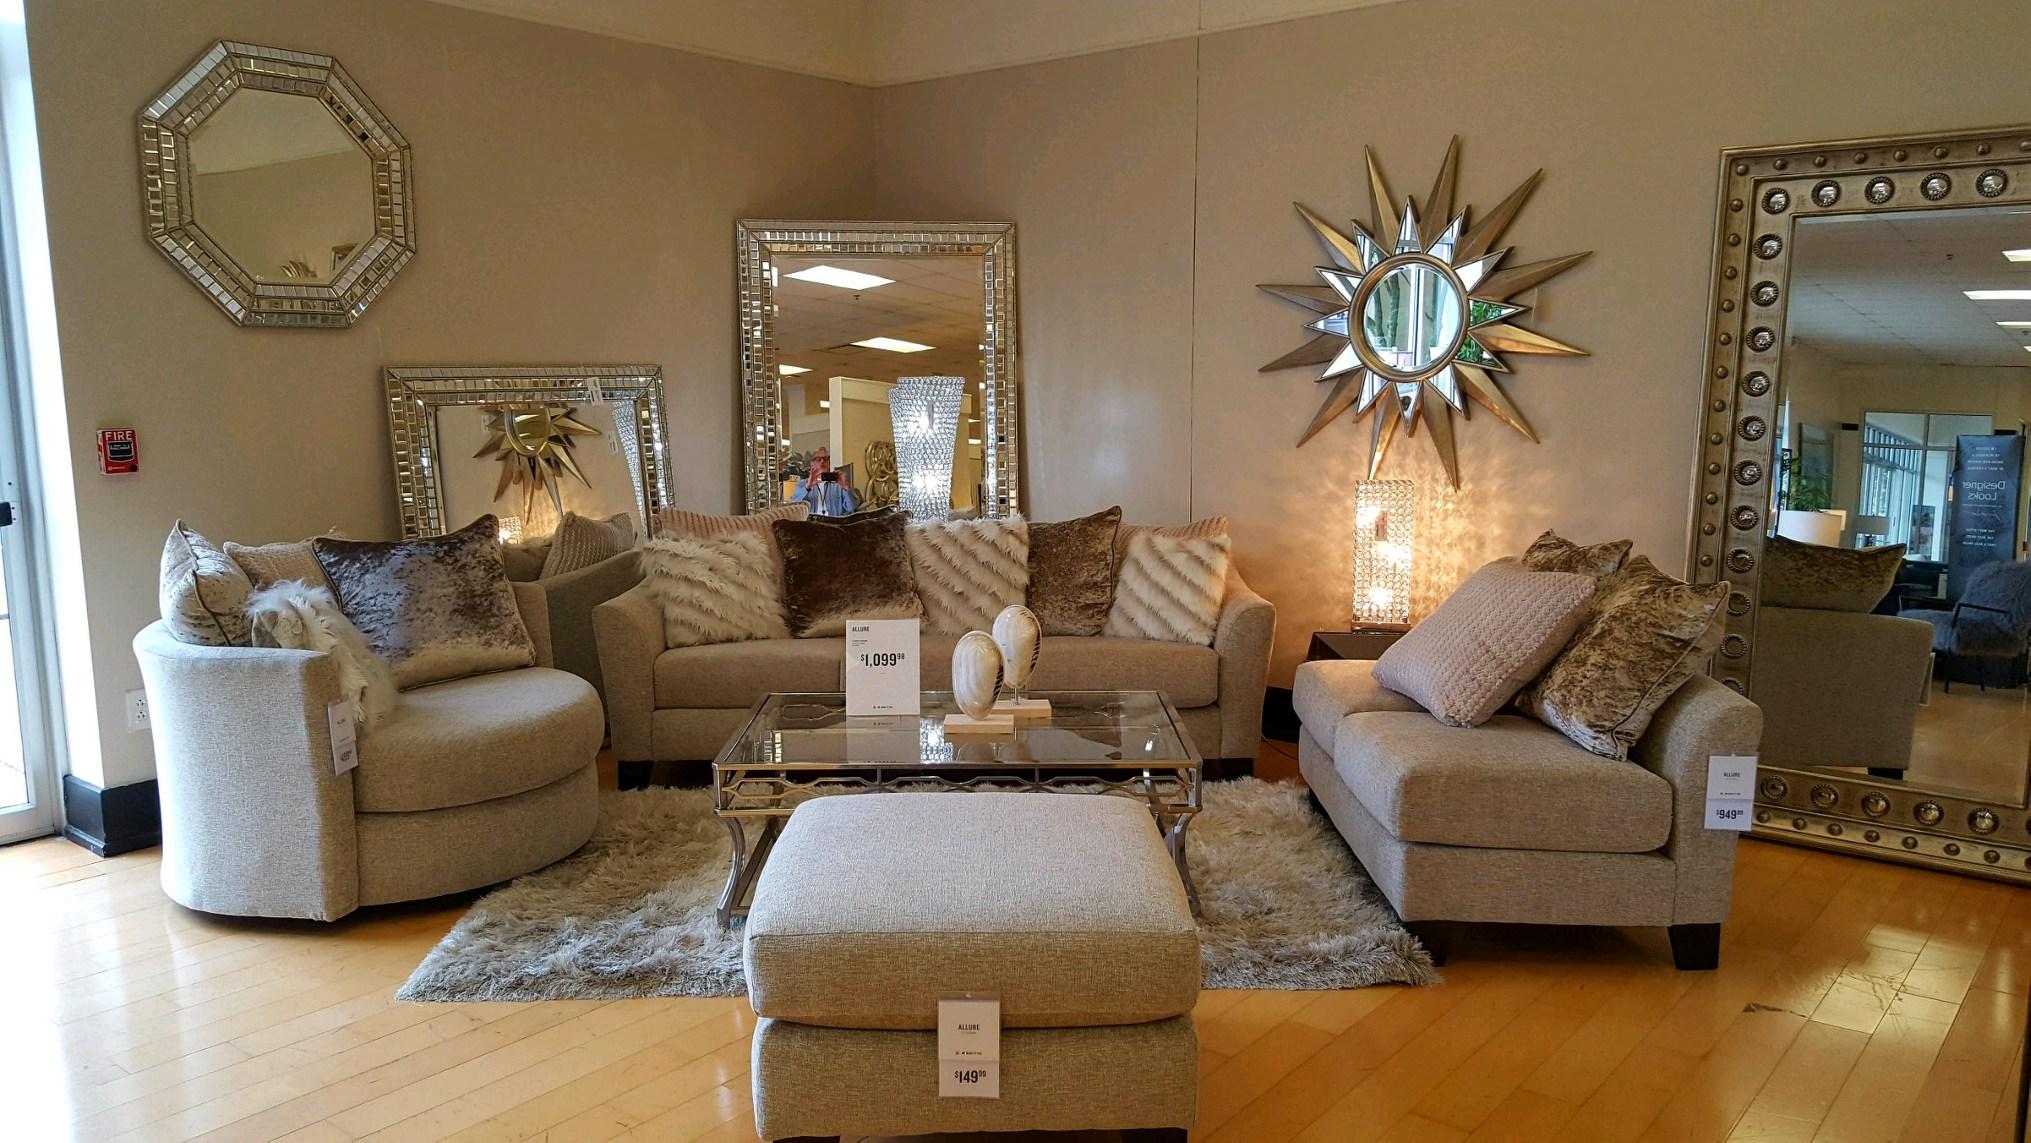 American Signature Furniture image 13